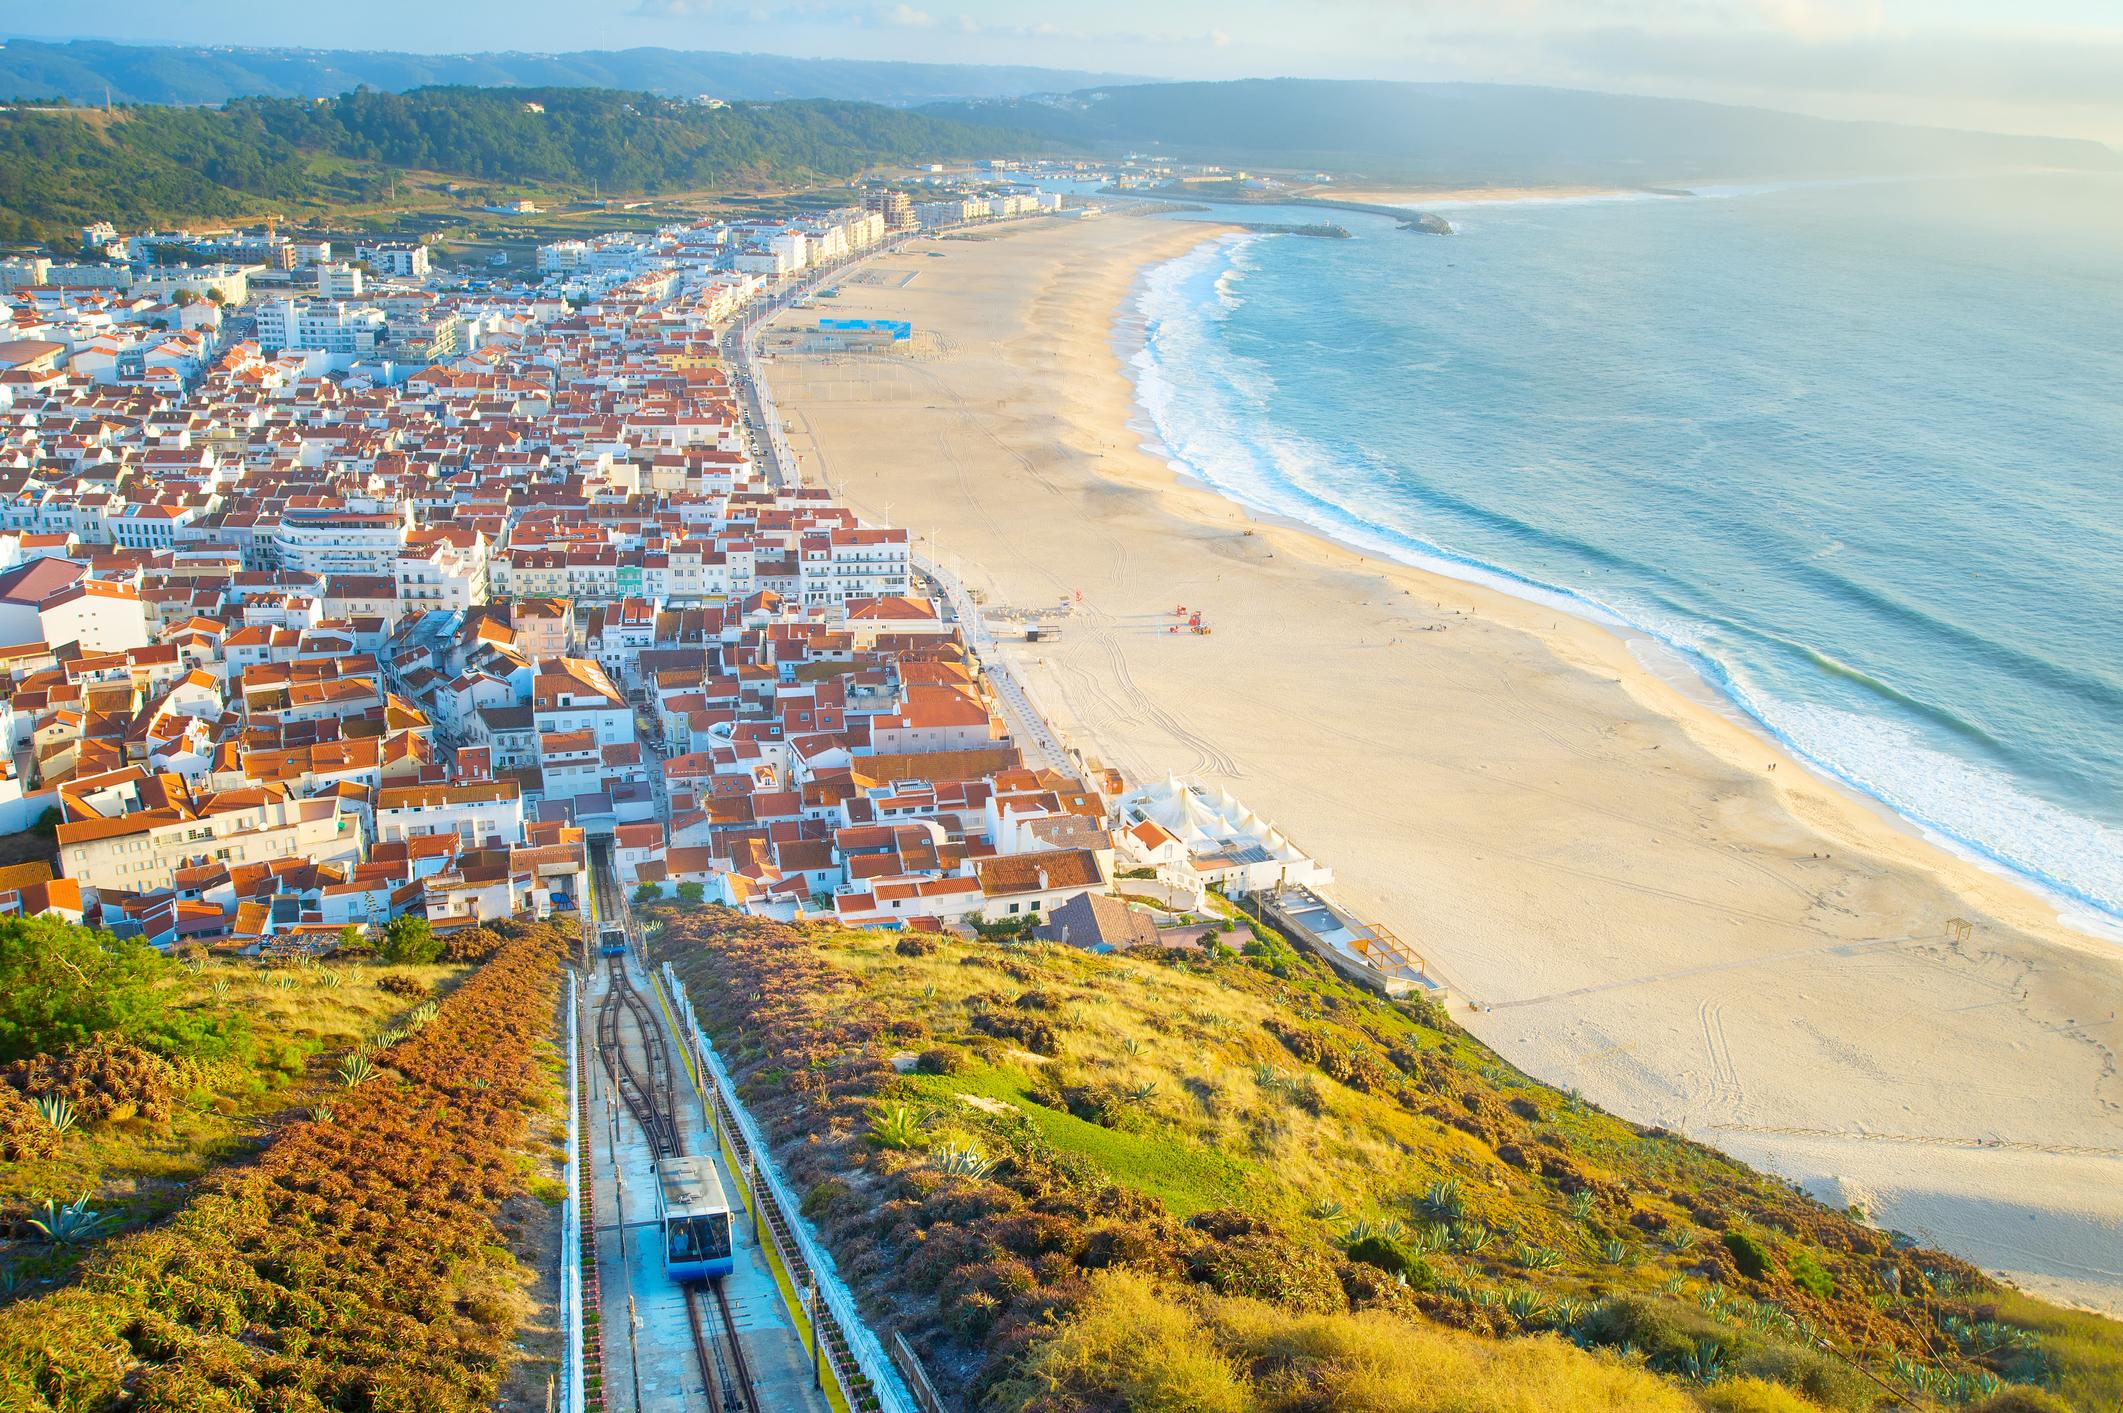 Há mais turistas a visitar o centro de Portugal. Até outubro foram 3,58 milhões